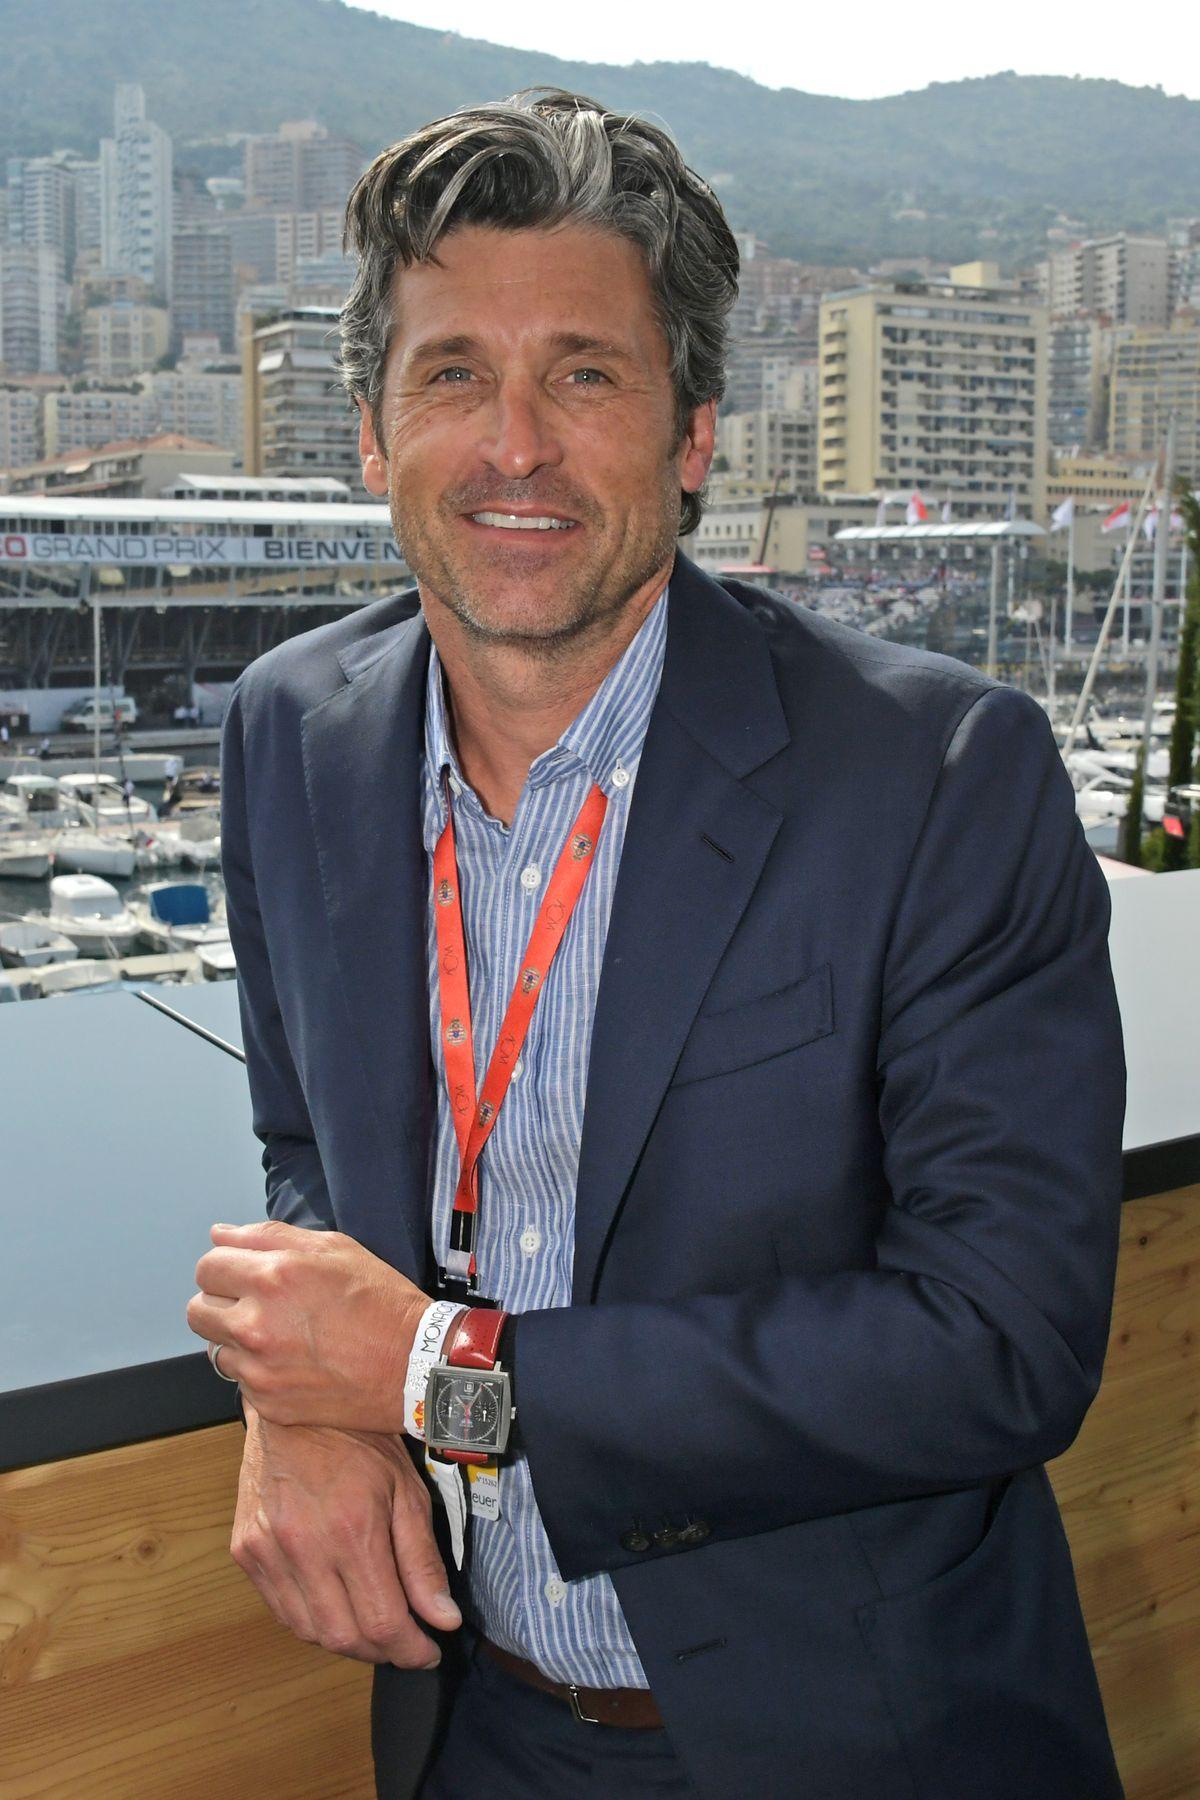 Monaco Tag Heuer Zeigt Zur Formel 1 Limitierte Uhren Shots Magazin